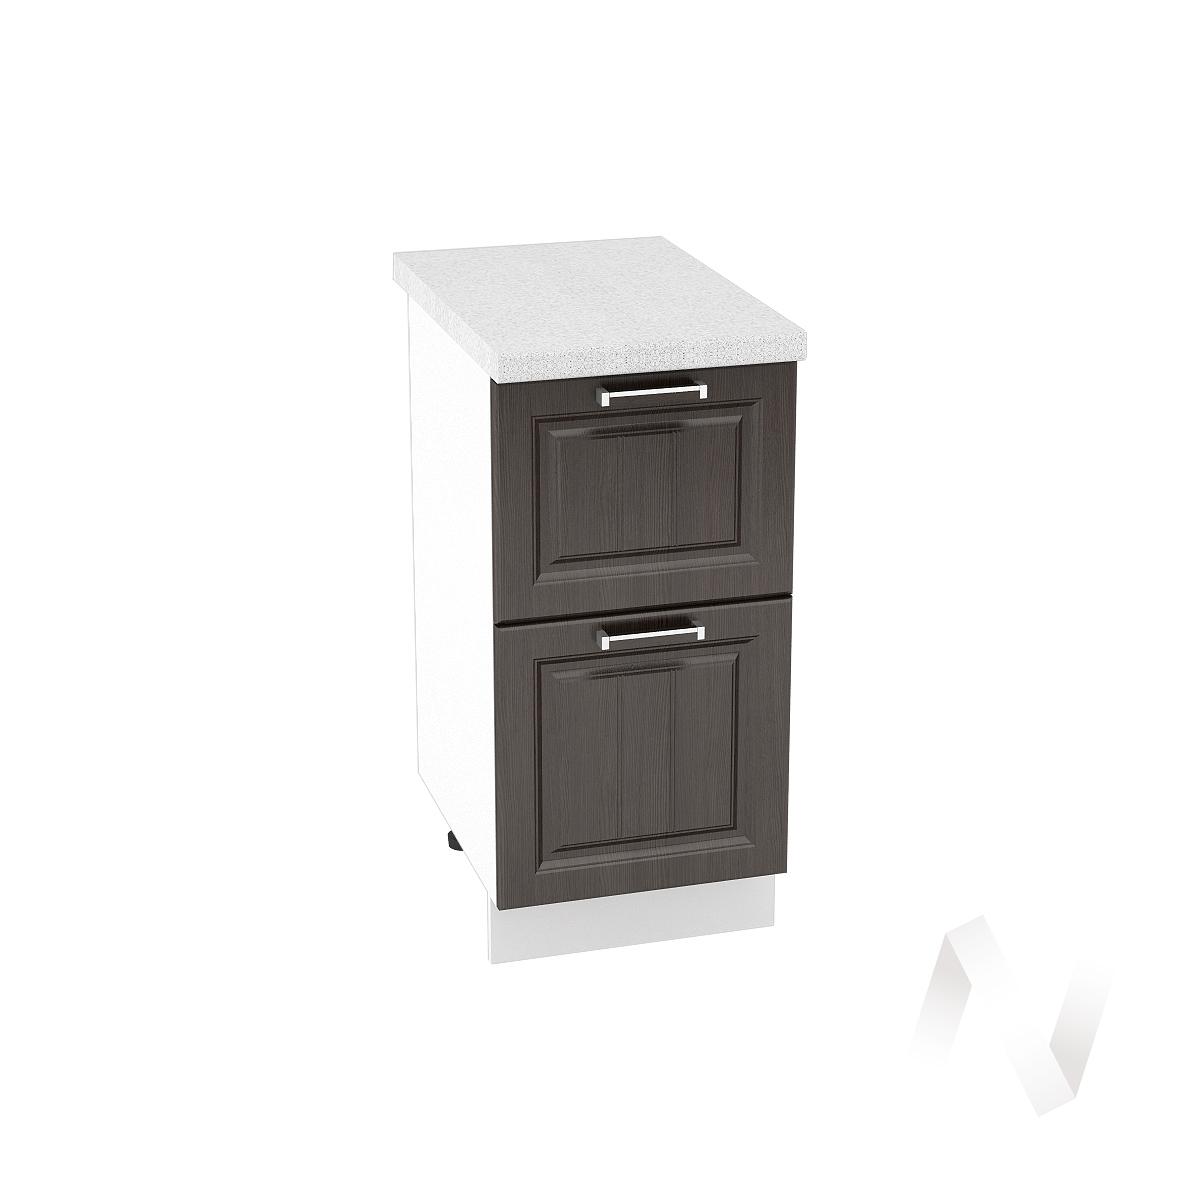 """Кухня """"Прага"""": Шкаф нижний с 2-мя ящиками 400, ШН2Я 400 (венге/корпус белый)"""